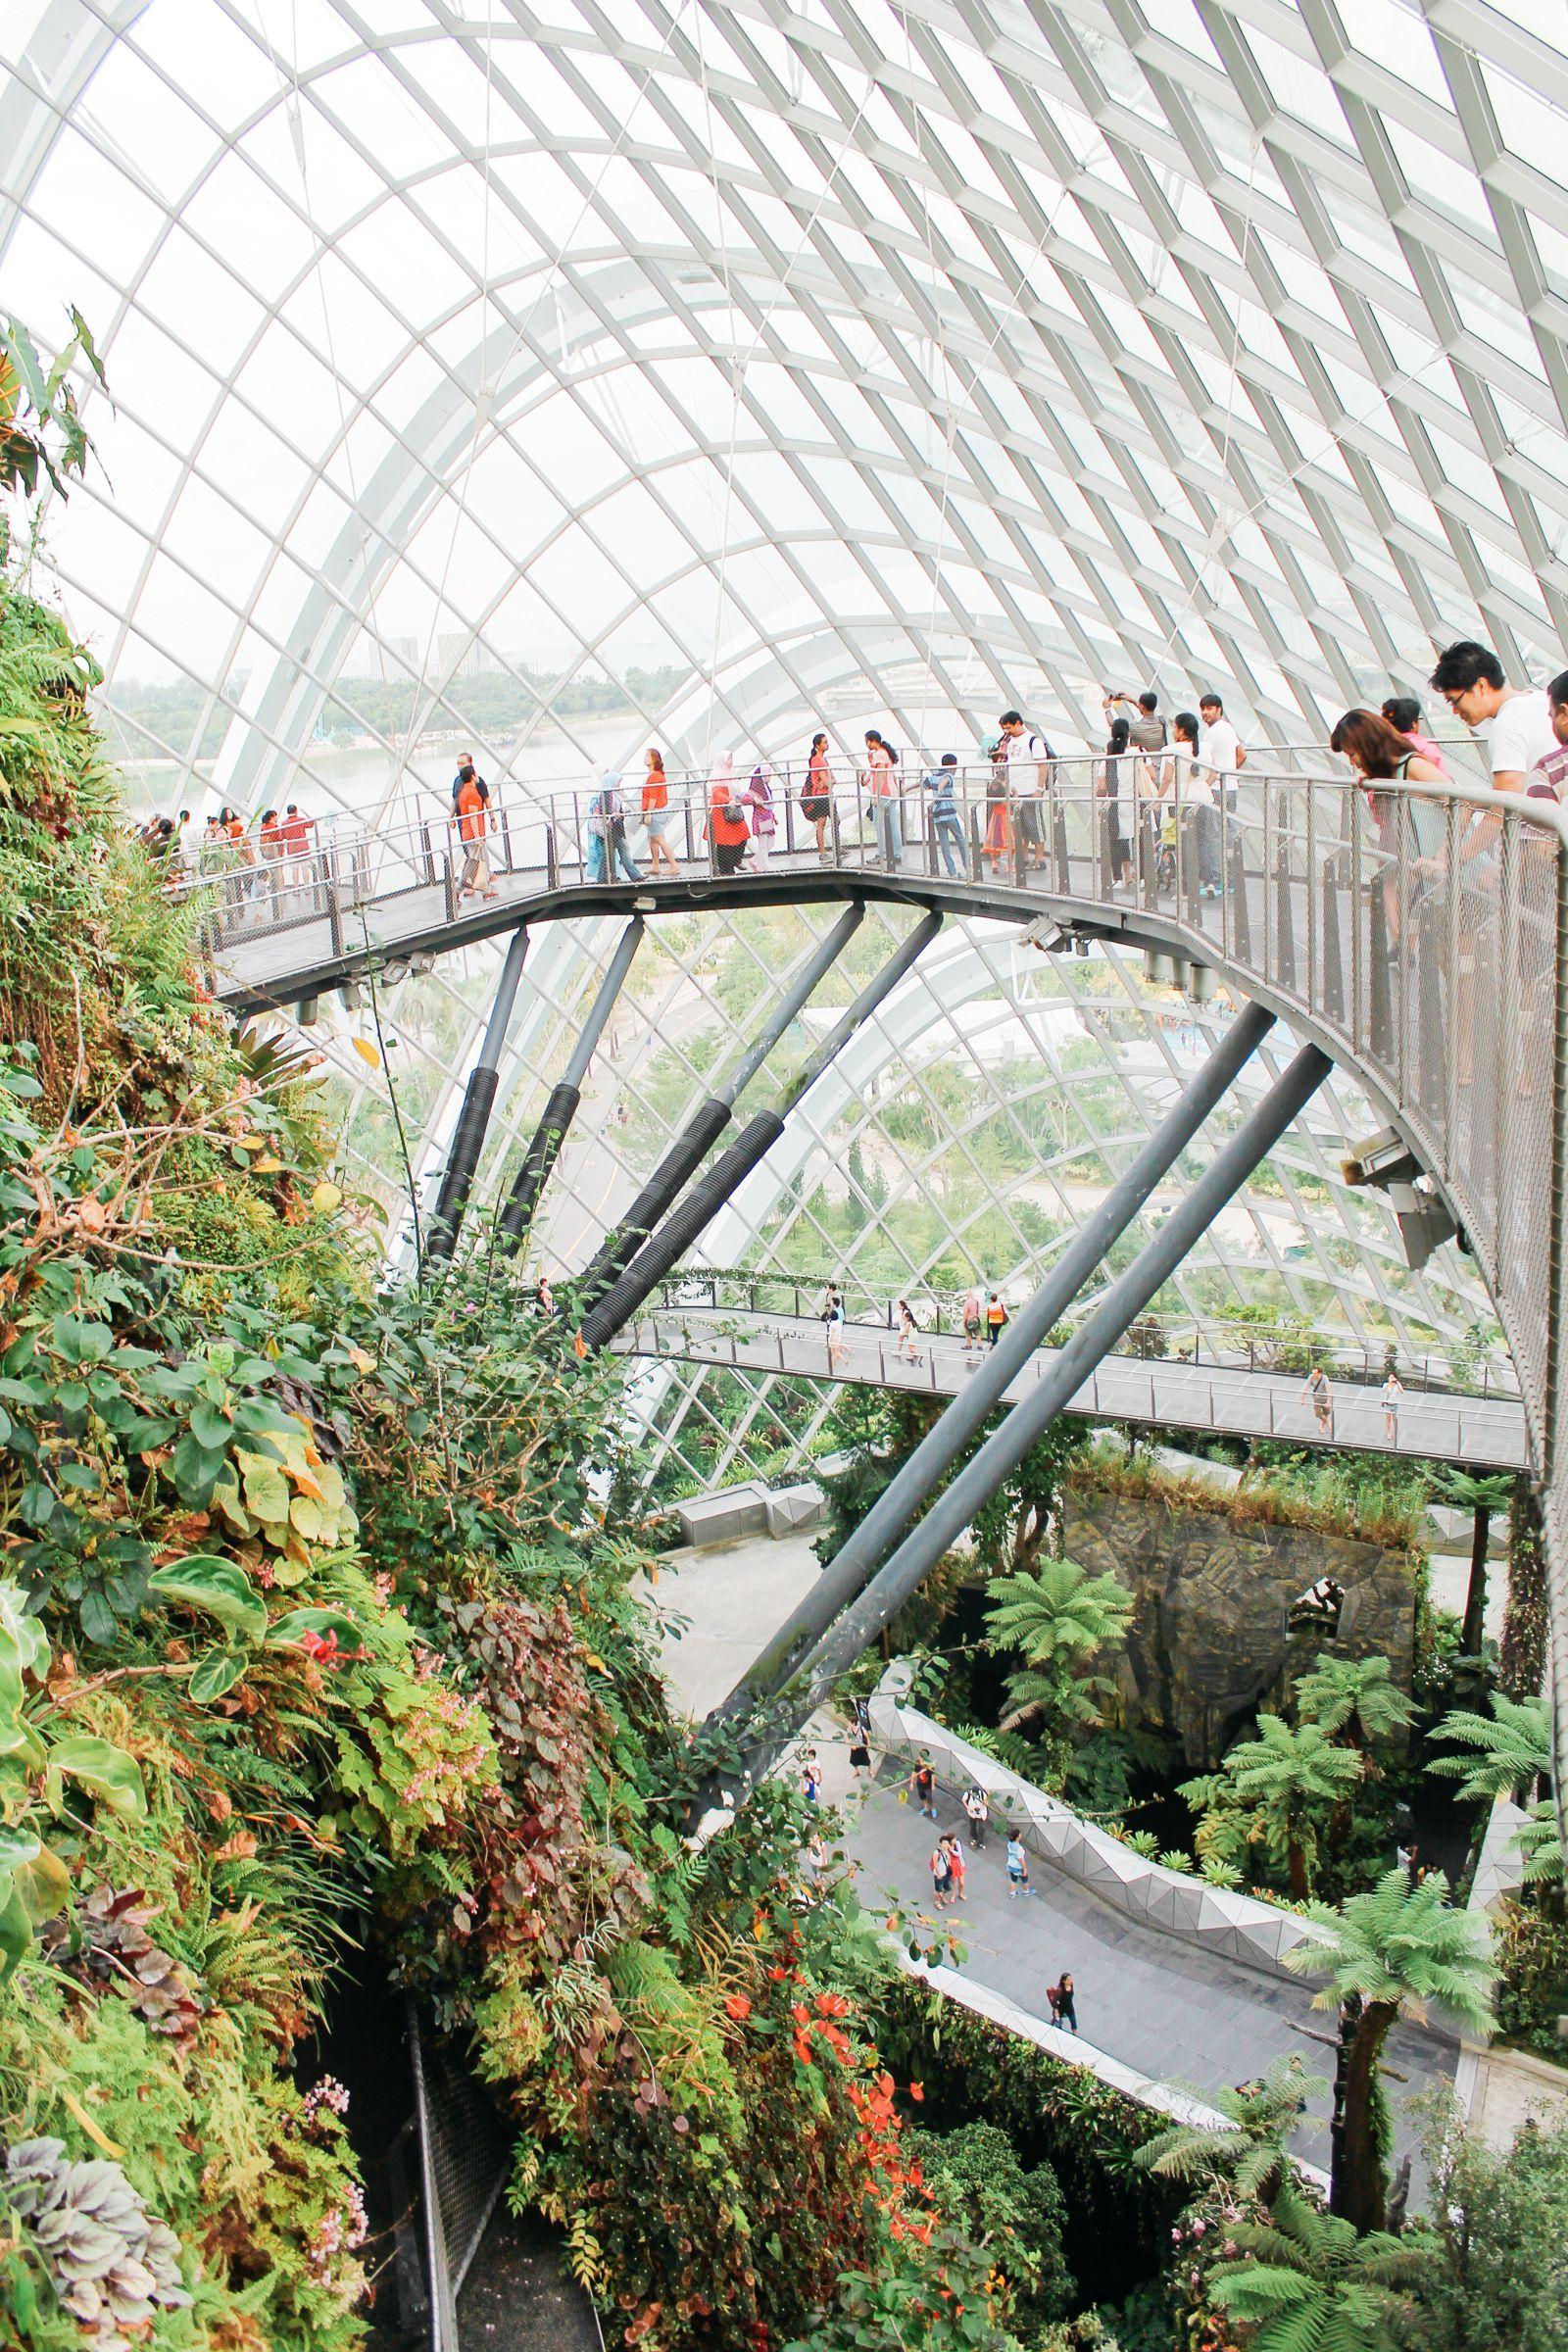 216378e0f682b2eb34e6e83c87bb853f - Gardens By The Bay Cloud Forest Dome